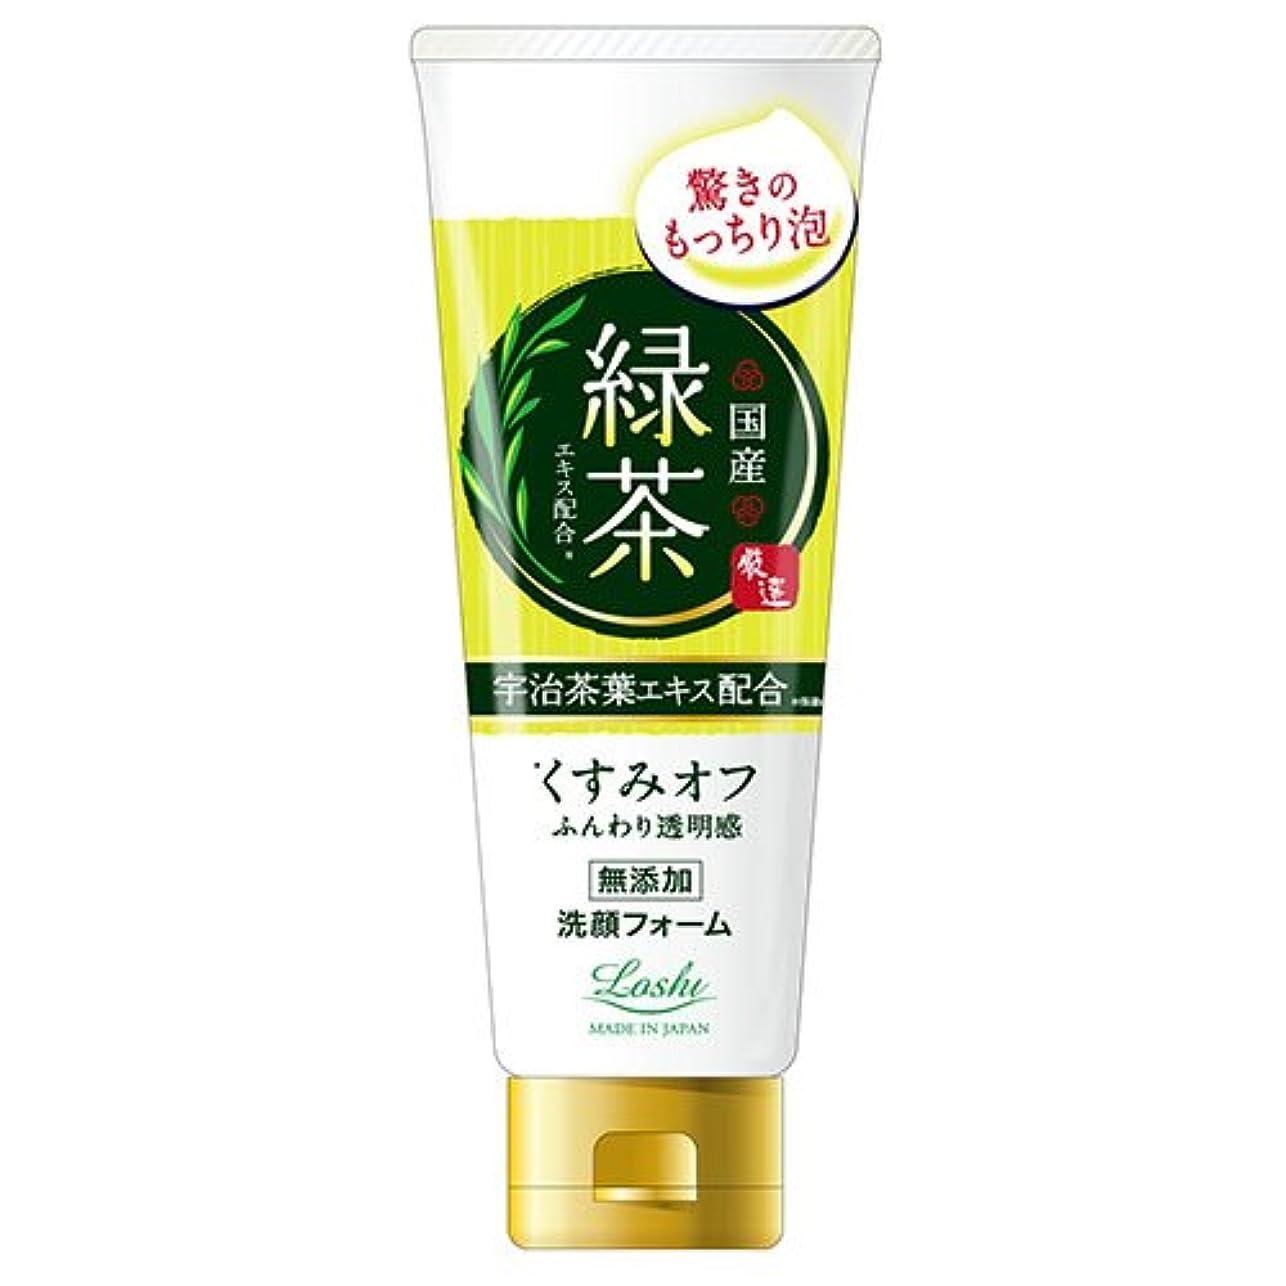 爆風マウスシャットロッシモイストエイド 国産 ホイップ洗顔 緑茶 120g